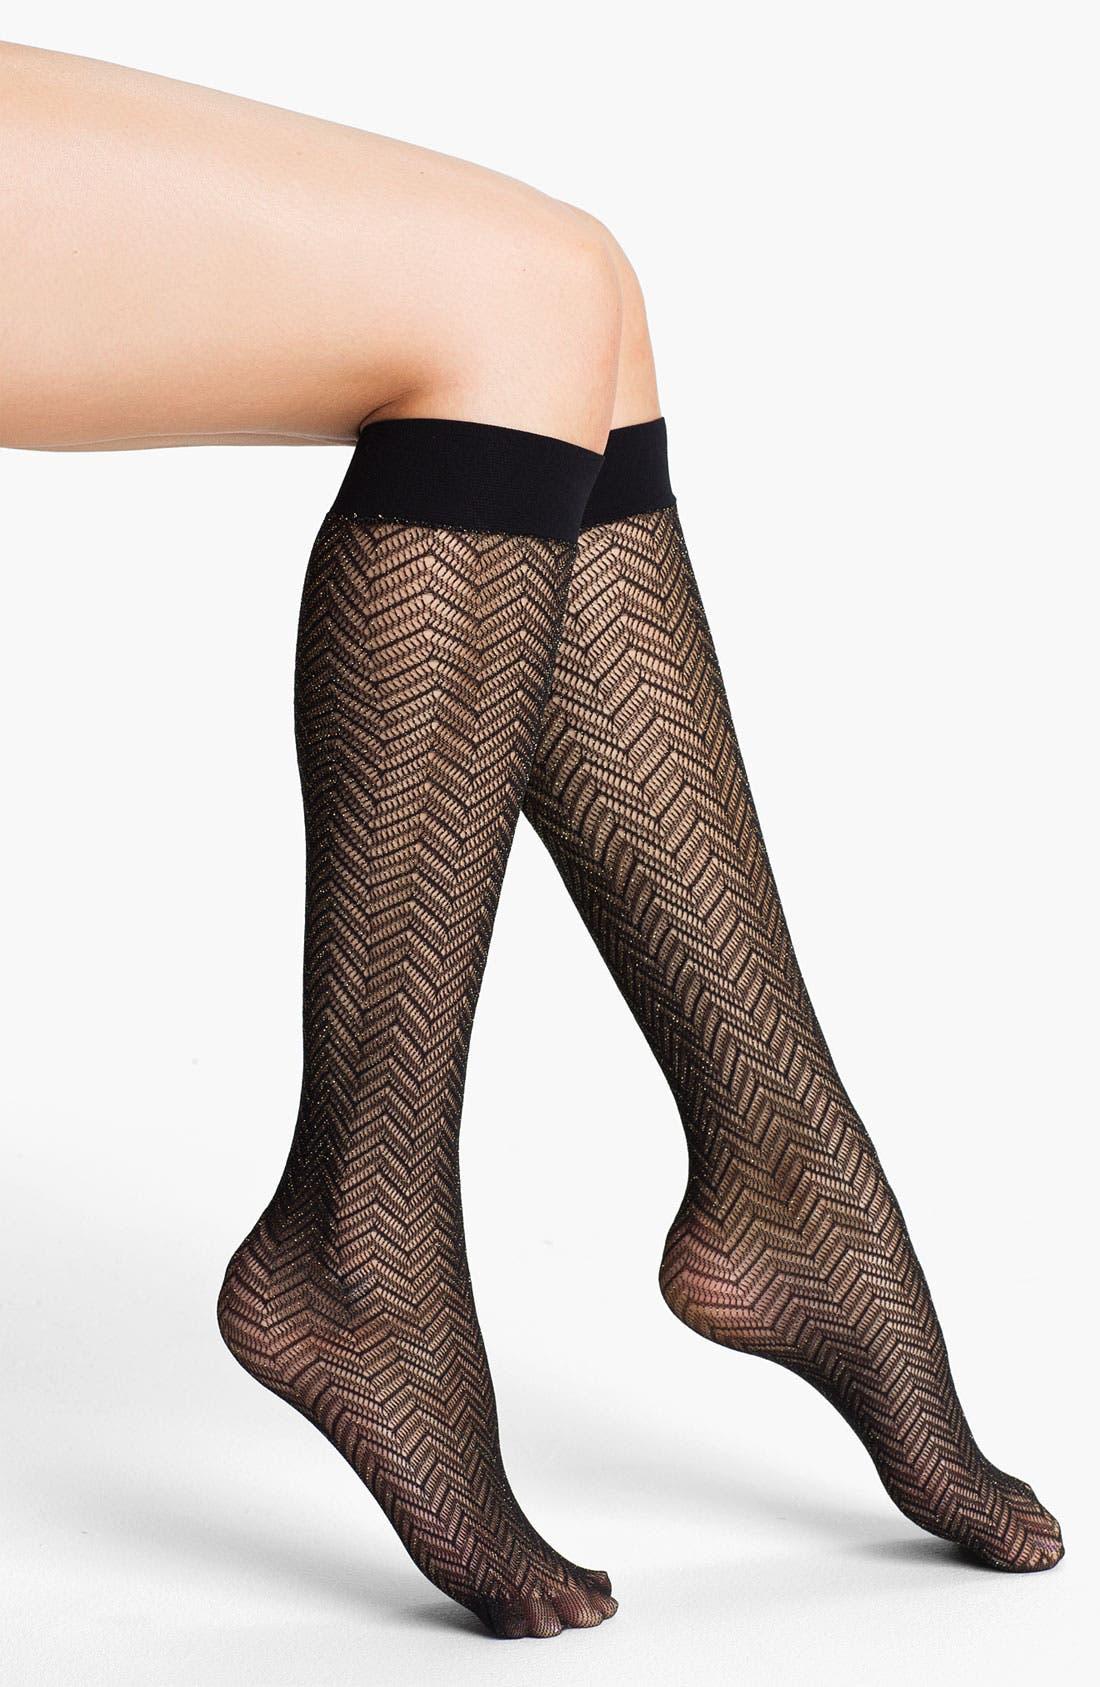 Alternate Image 1 Selected - Nordstrom 'Sparkle' Chevron Trouser Socks